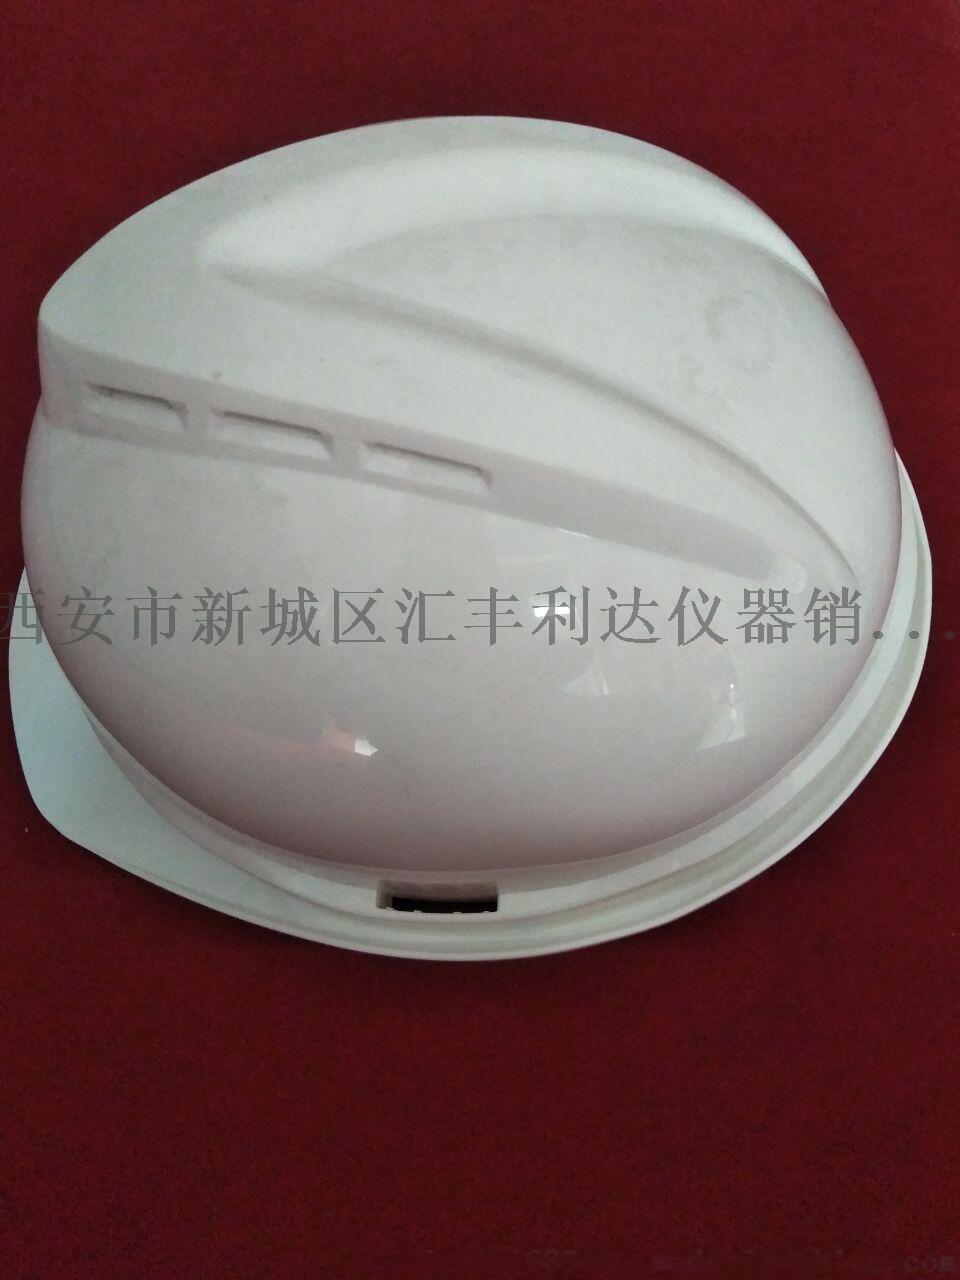 西安安全帽,哪里有 安全帽189,92812558745212962